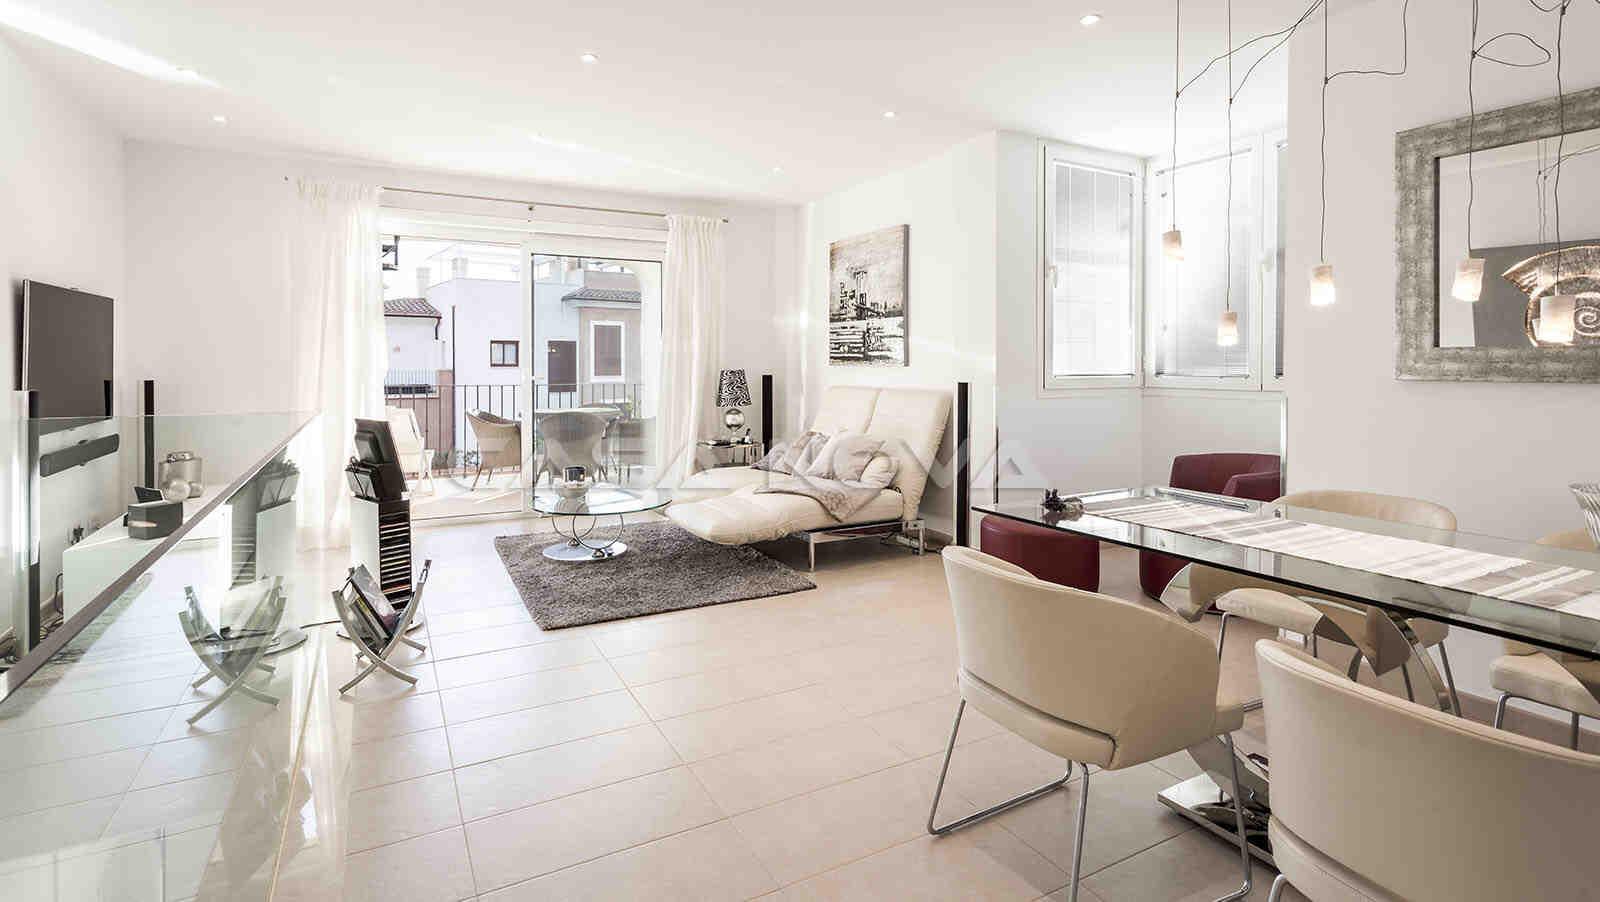 Weitläufiger Wohnbereich mit stilvoller Einrichtung